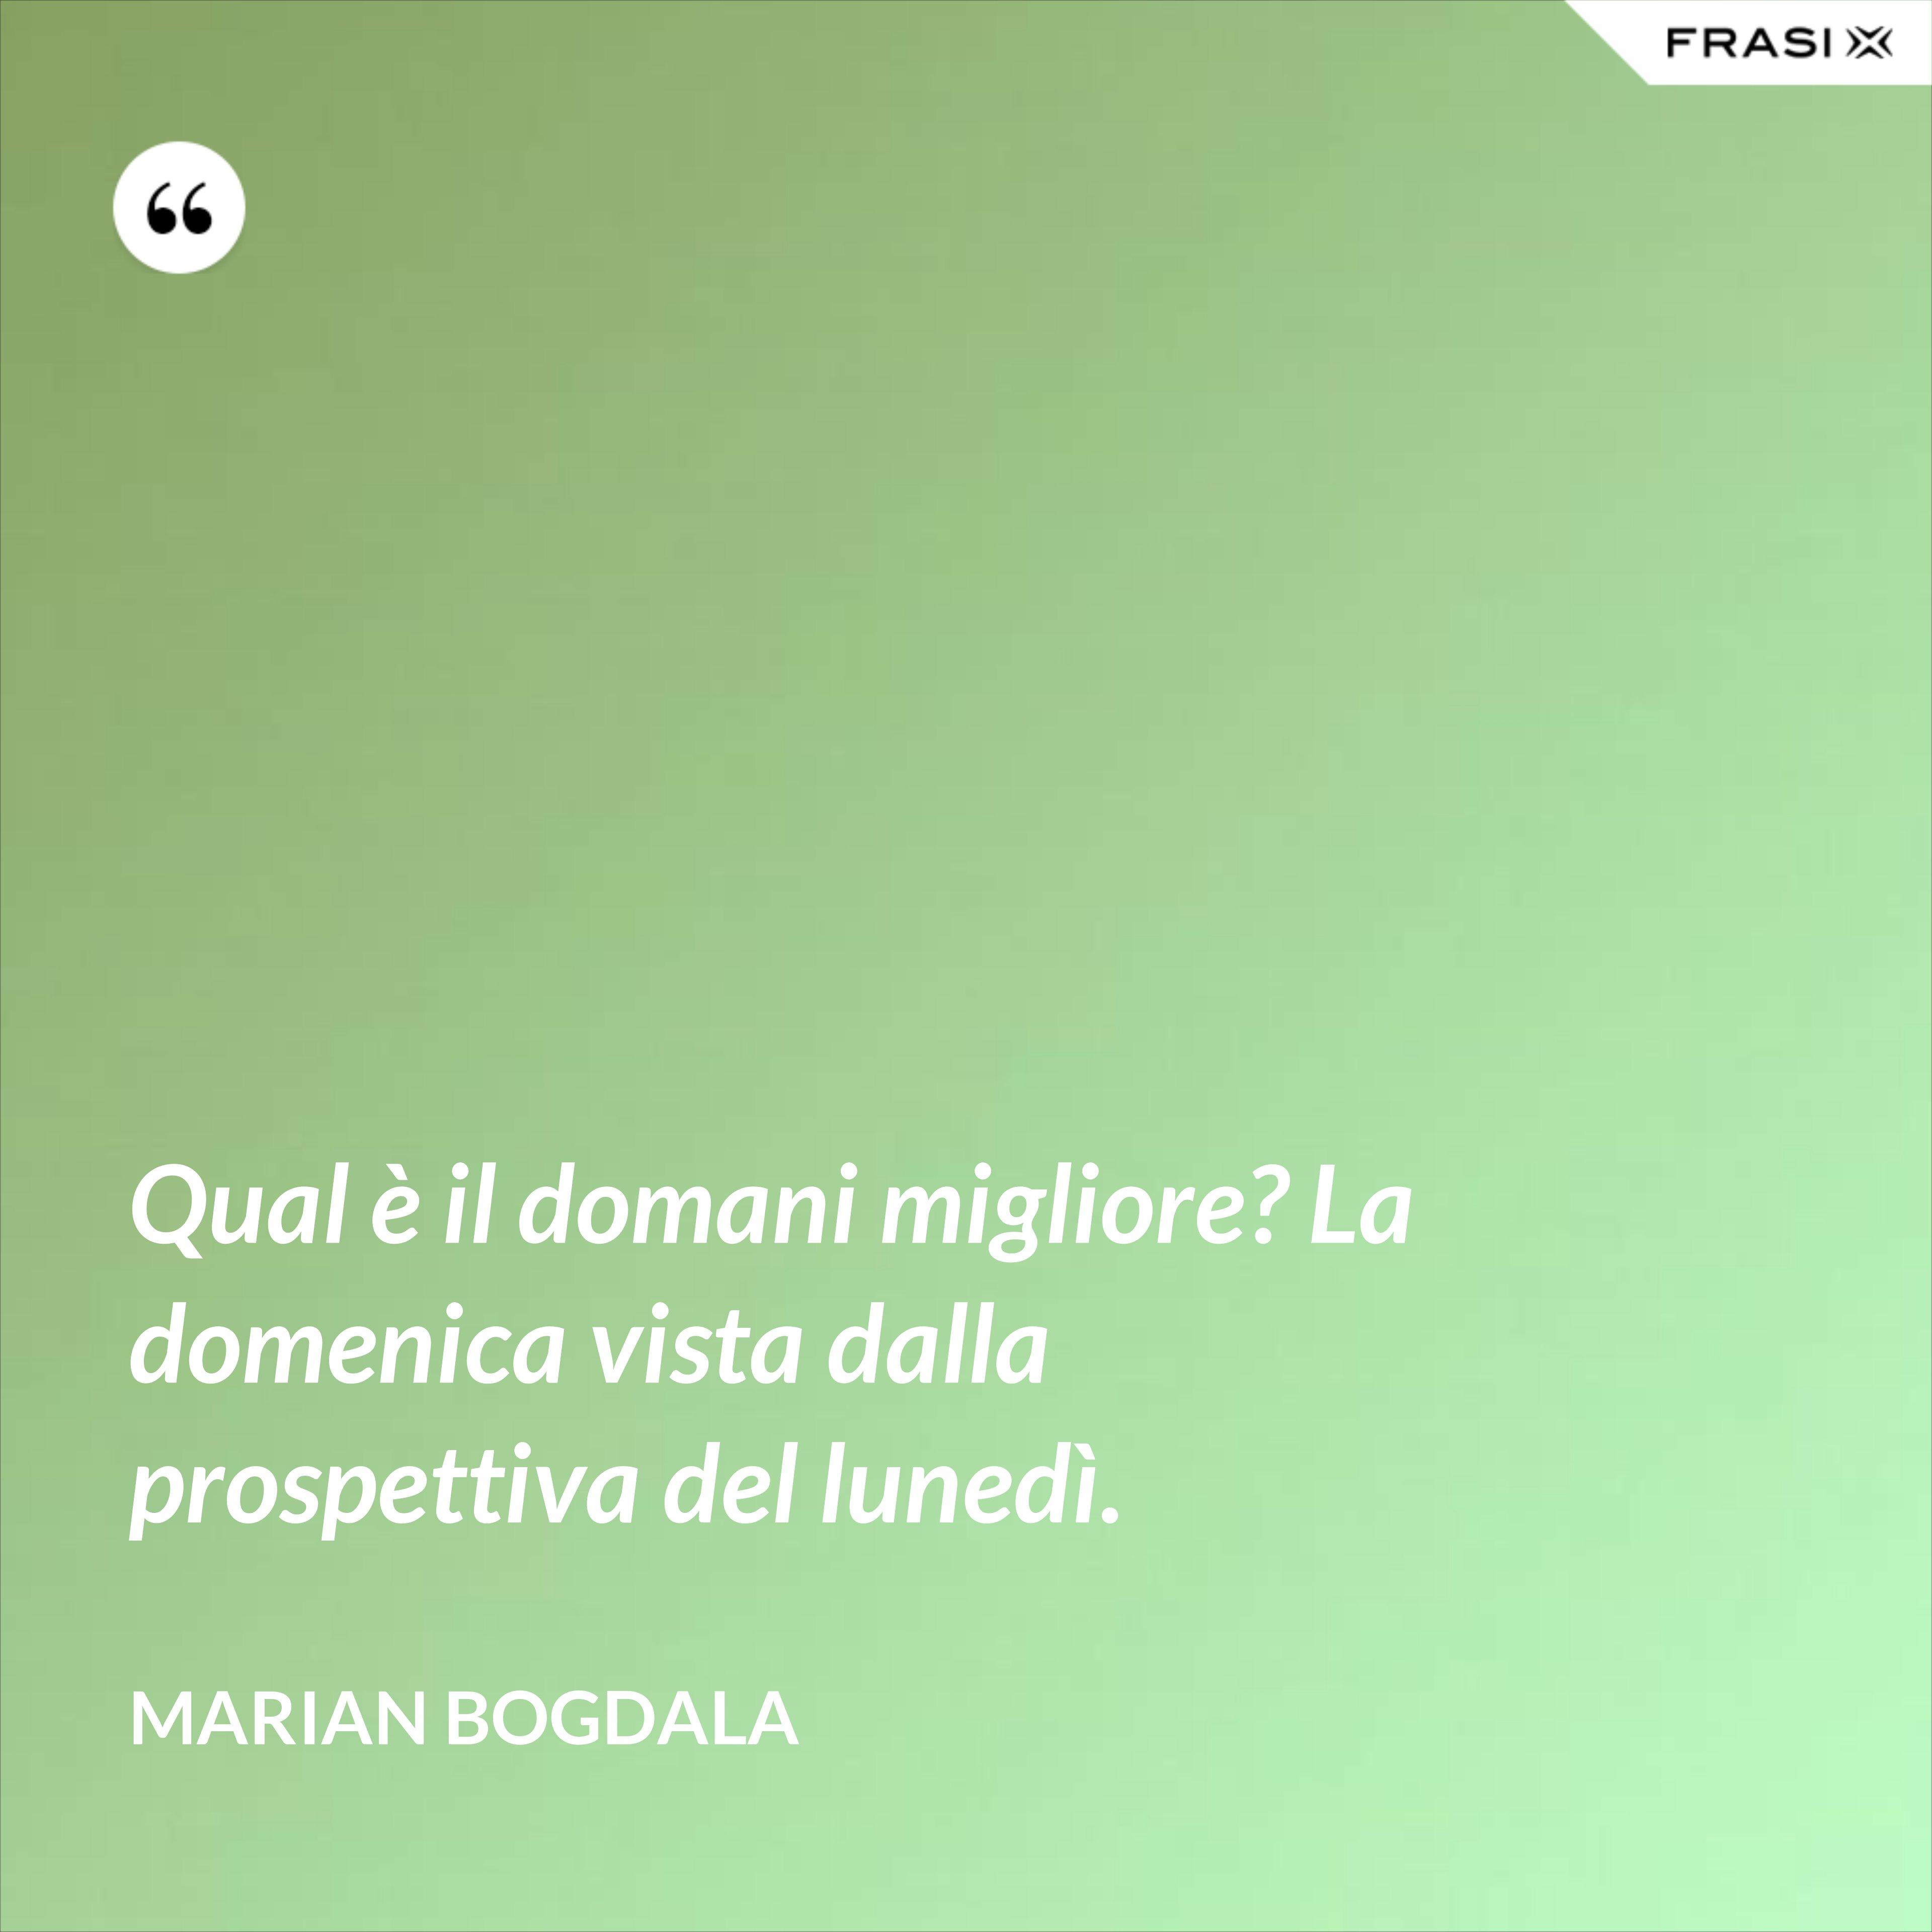 Qual è il domani migliore? La domenica vista dalla prospettiva del lunedì. - Marian Bogdala